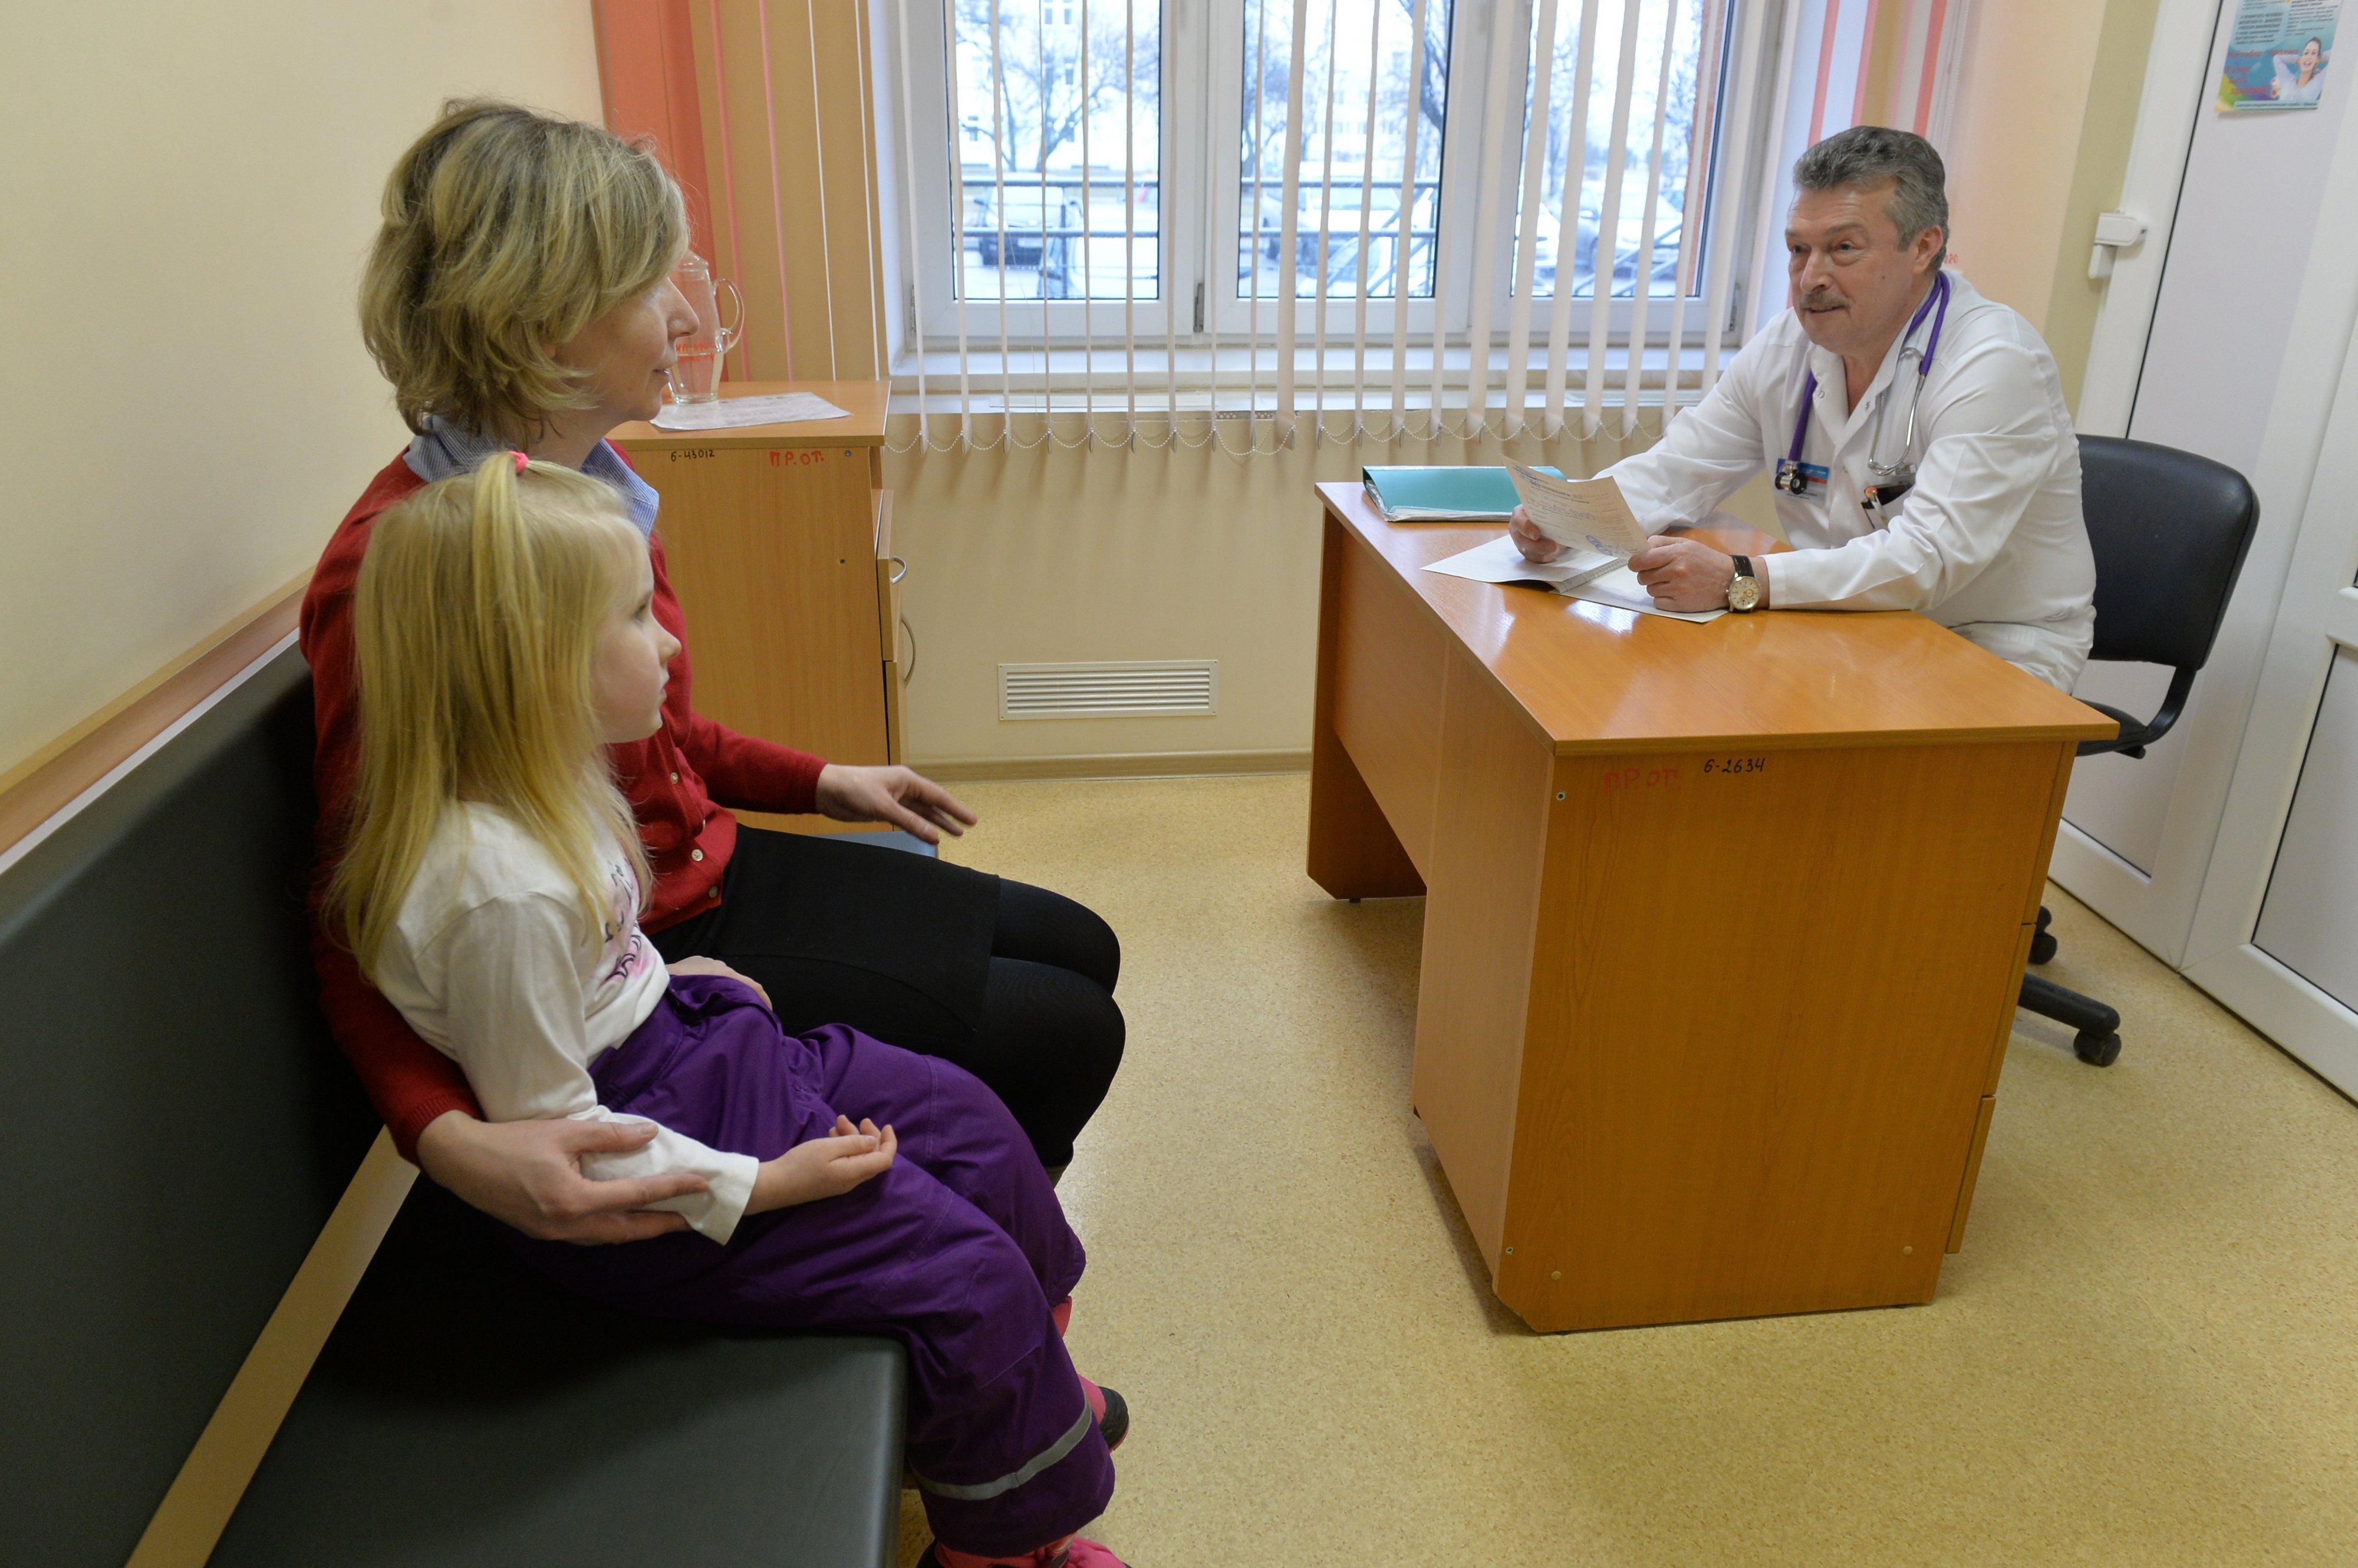 Маленькая Алиса и ее мама очень волновались, но после осмотра Чеснова заметно успокоились - доктор уверил, что все не так страшно